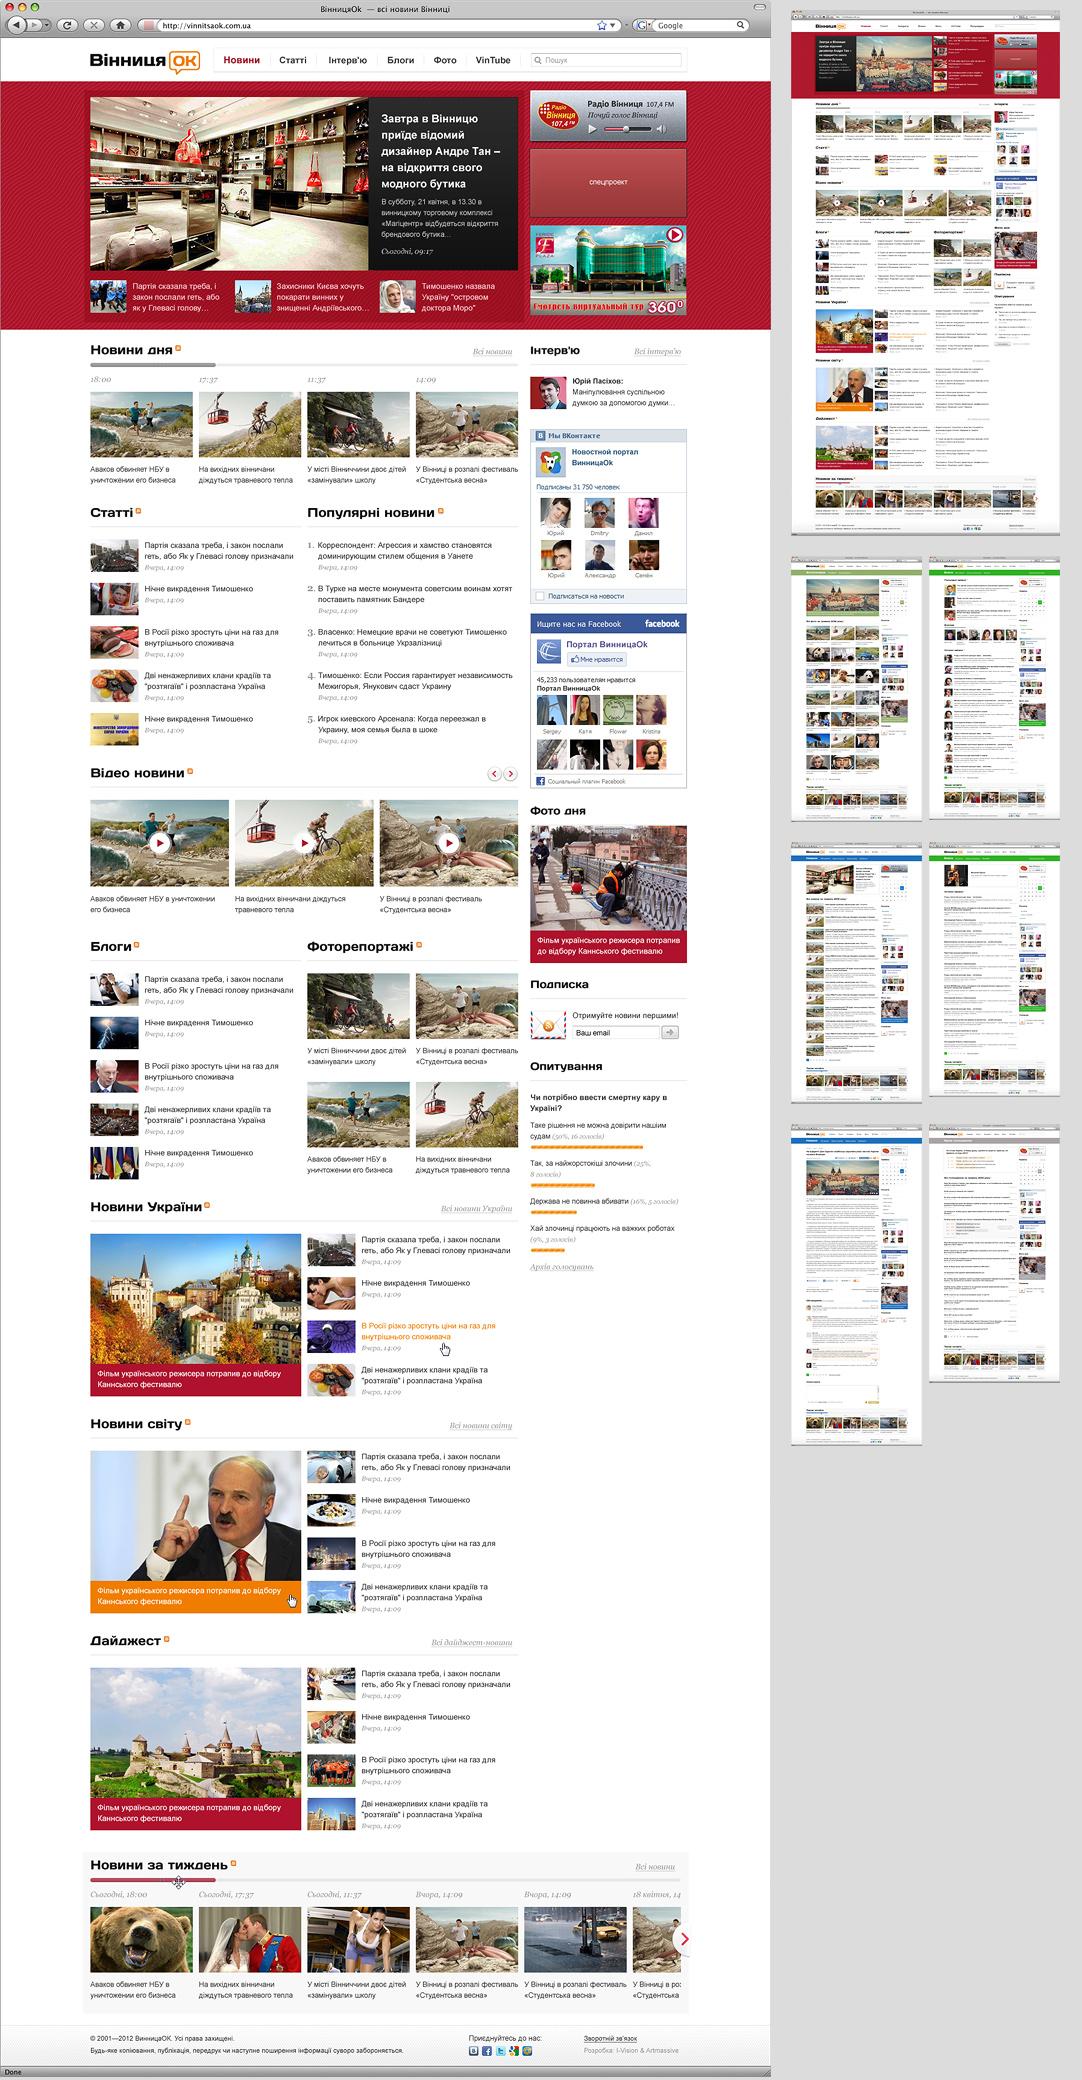 ВинницаОк – новостной портал